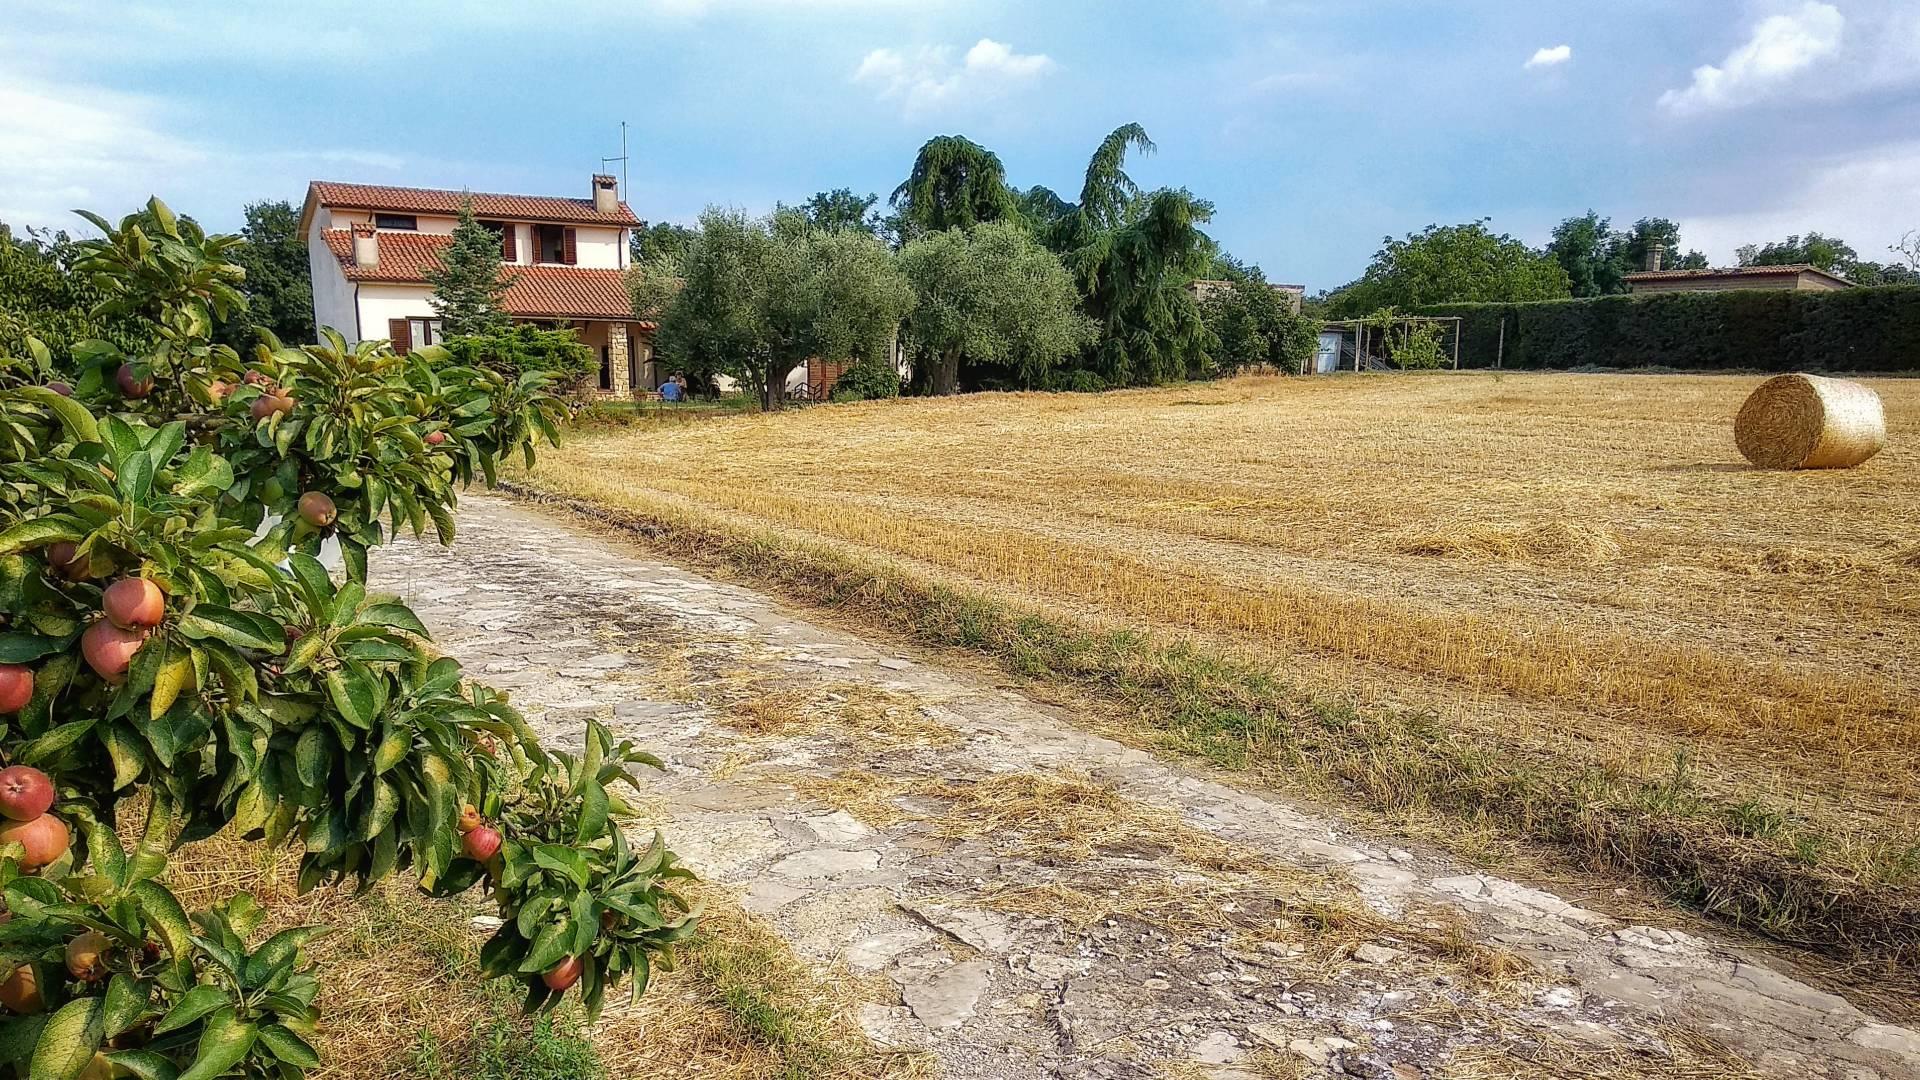 Rustico / Casale in vendita a Tuscania, 5 locali, zona Località: paese, prezzo € 279.000   CambioCasa.it